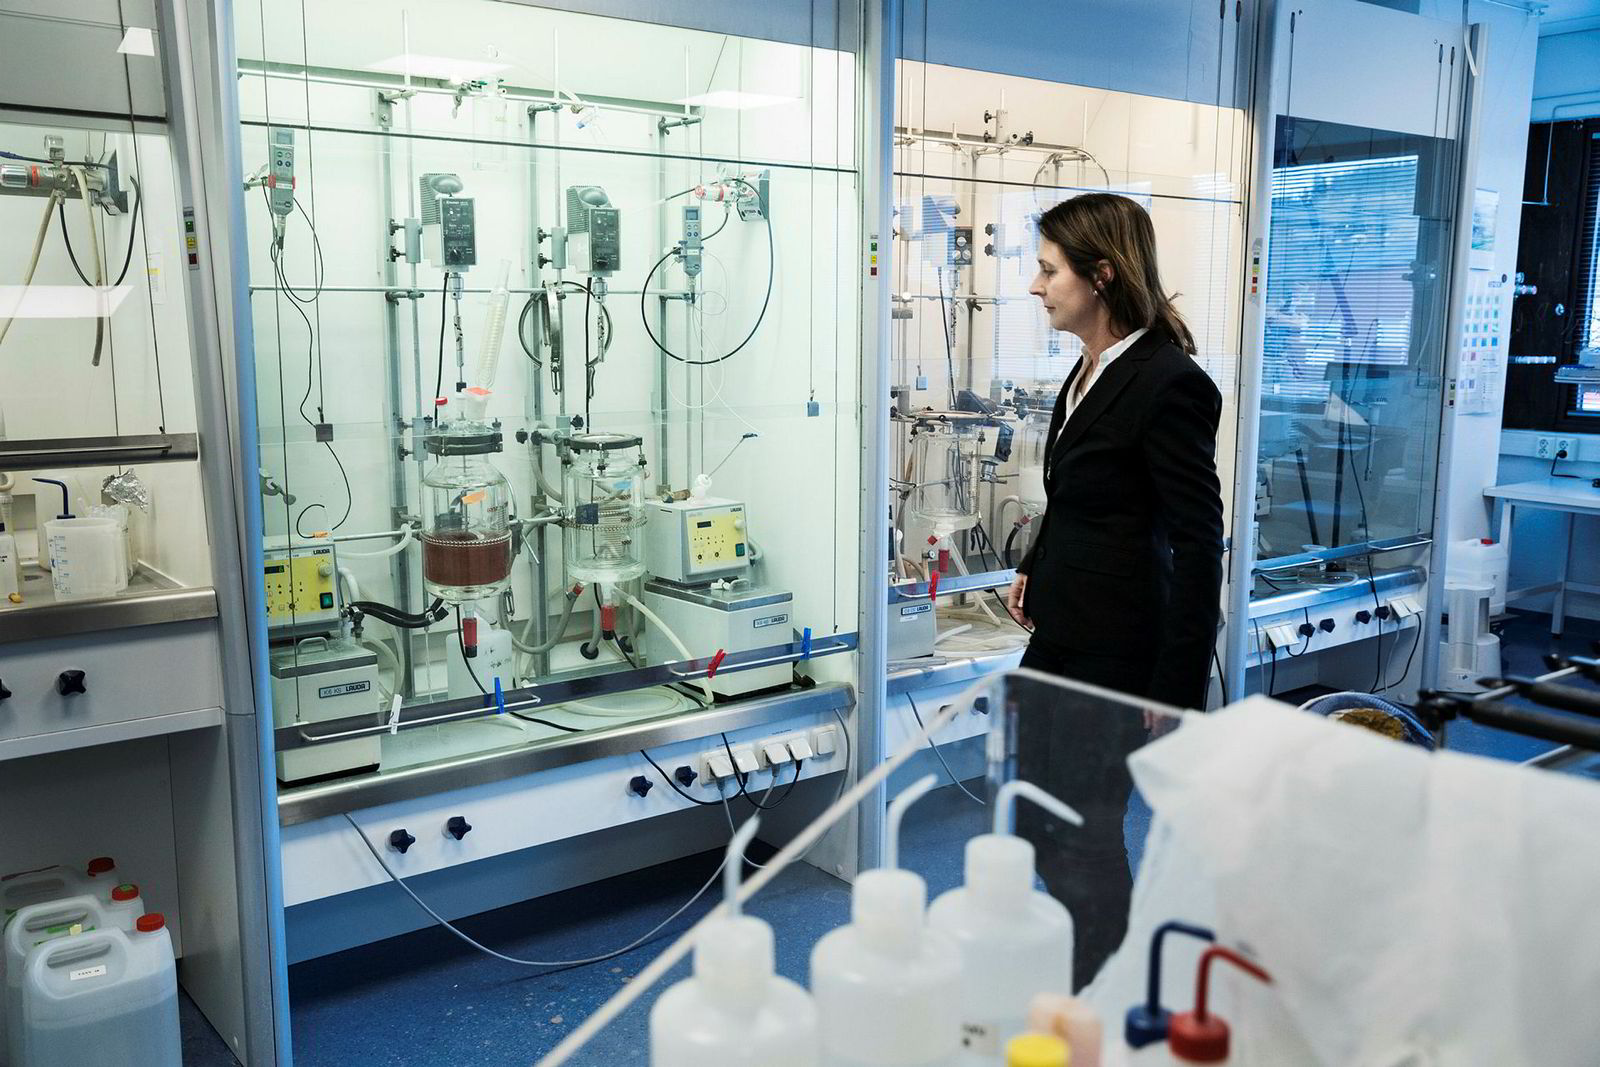 Daglig leder Anne Kari Nyhus i Microbeads ser på det brune produktet som skal brukes til å rense atom avfall i laboratoriet.